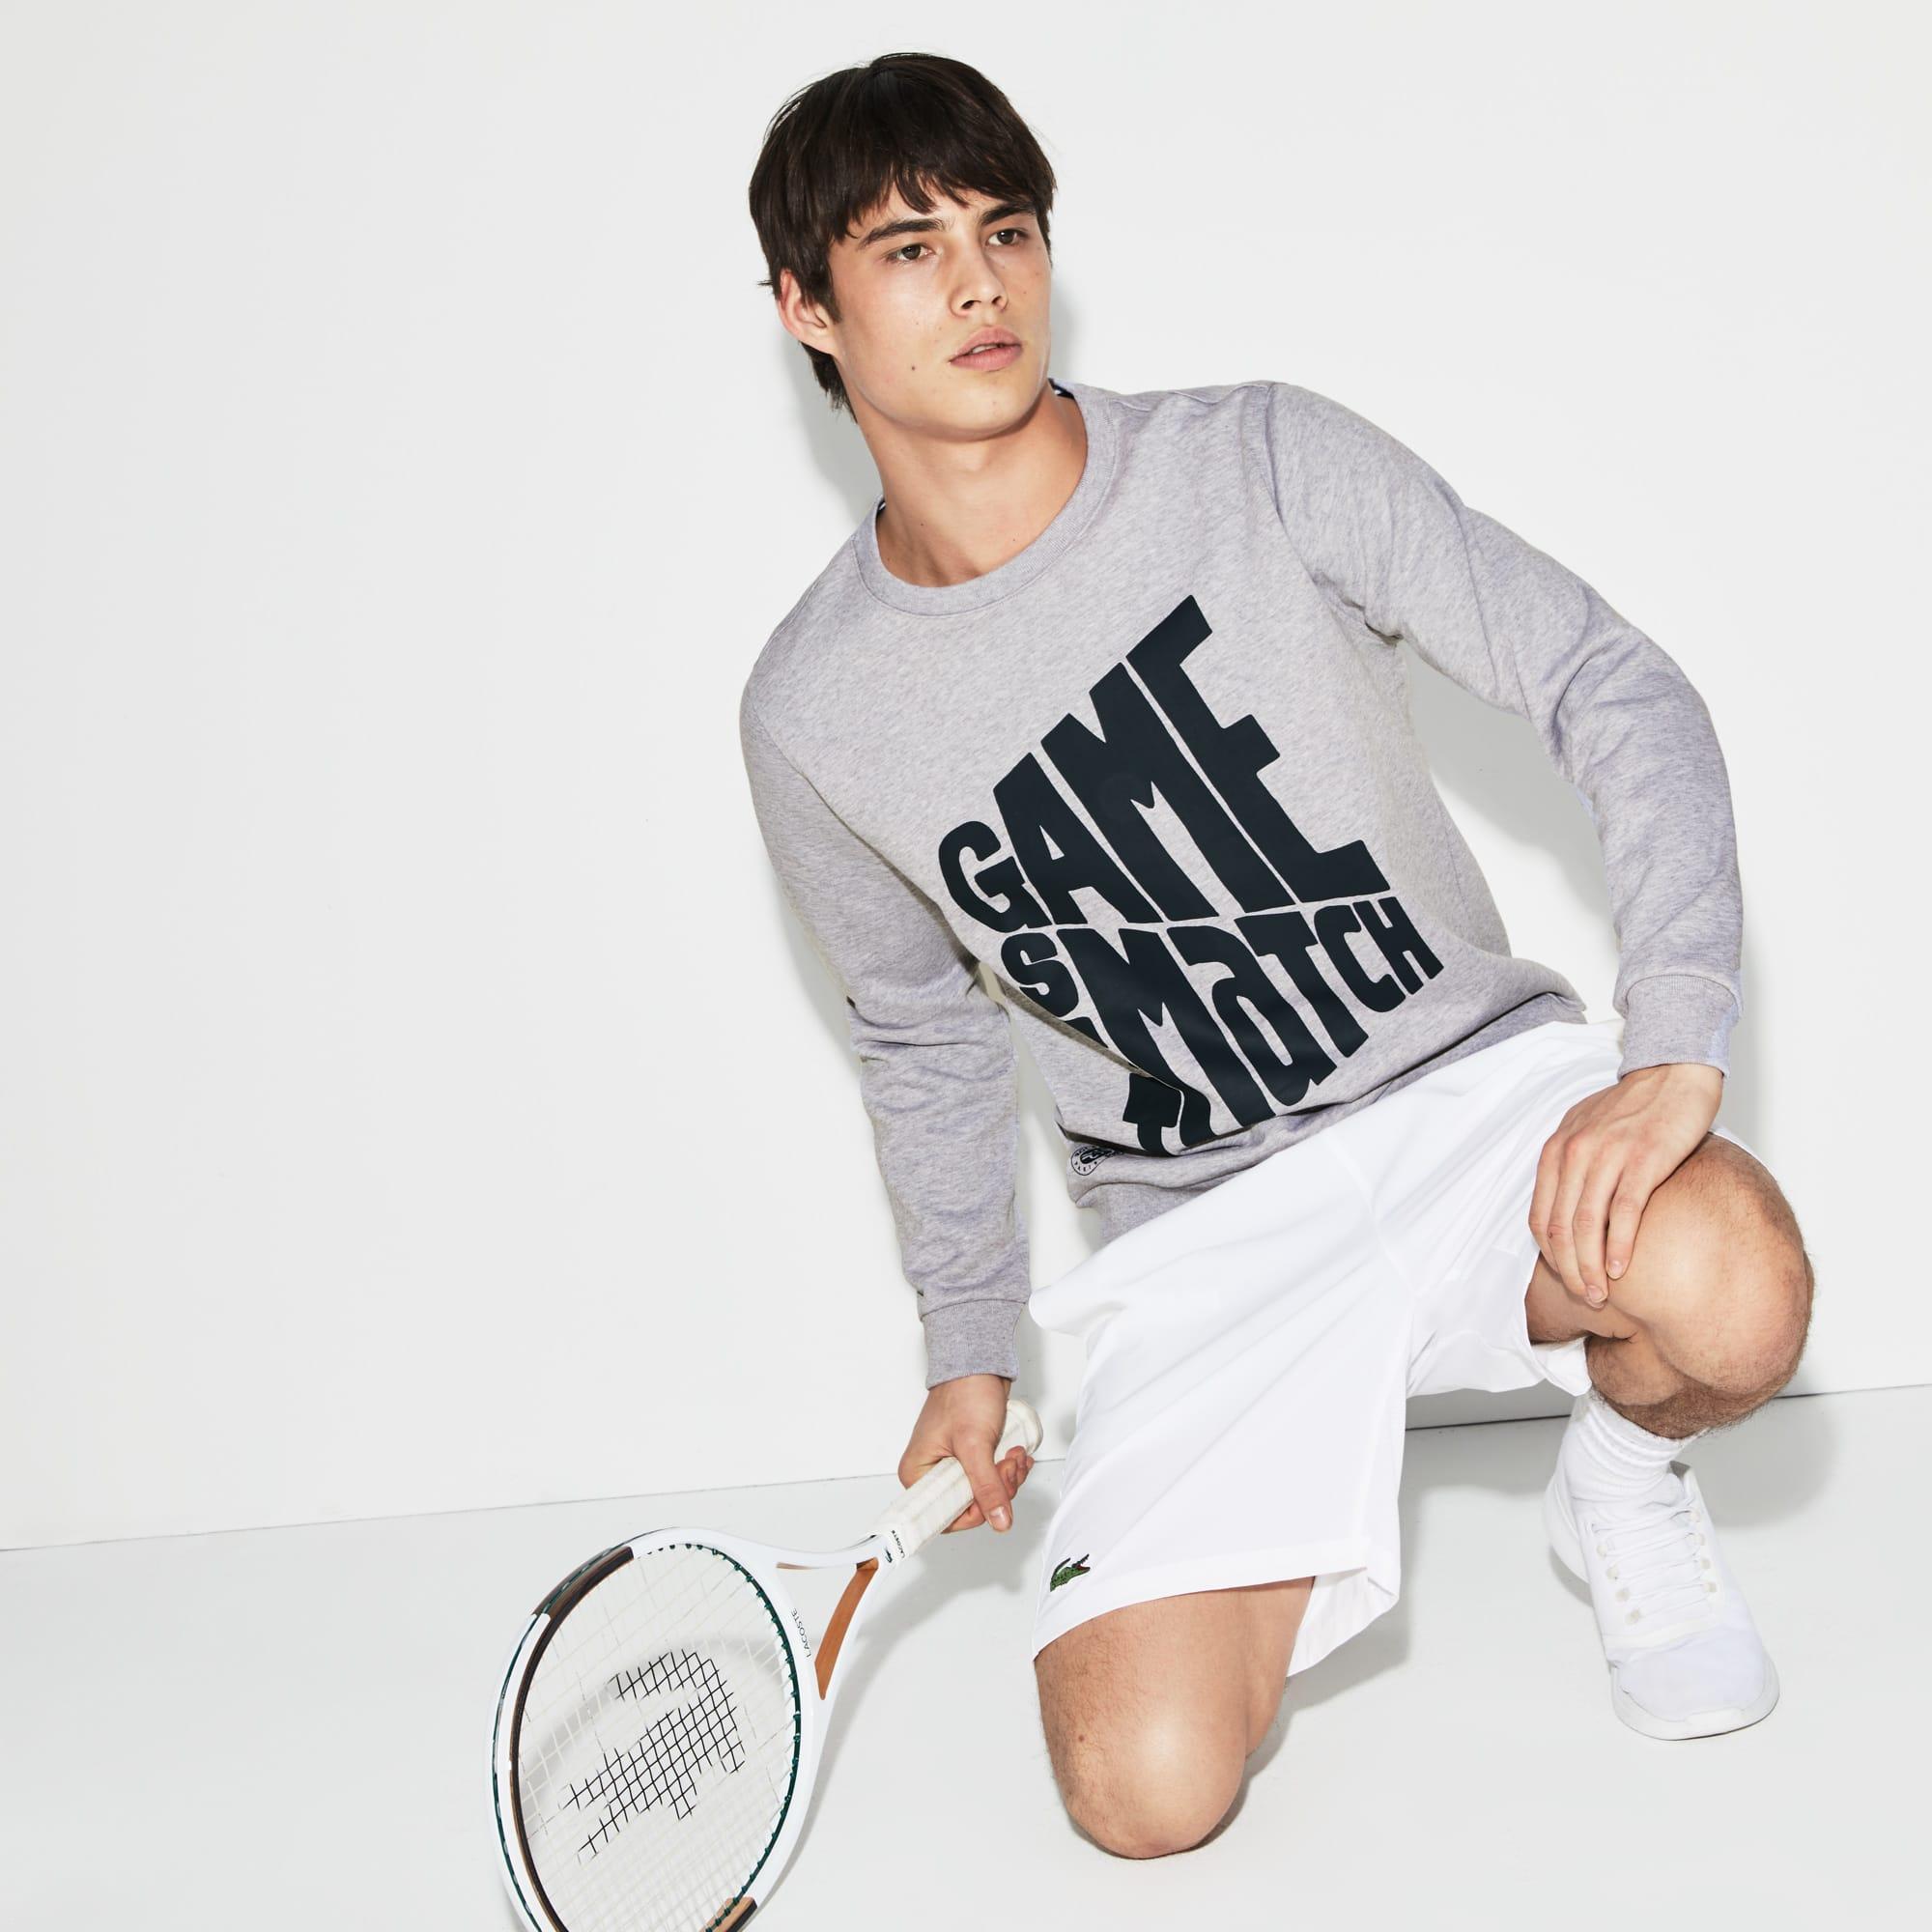 Moletom Lacoste SPORT Masculino Edição Roland Garros em Lã